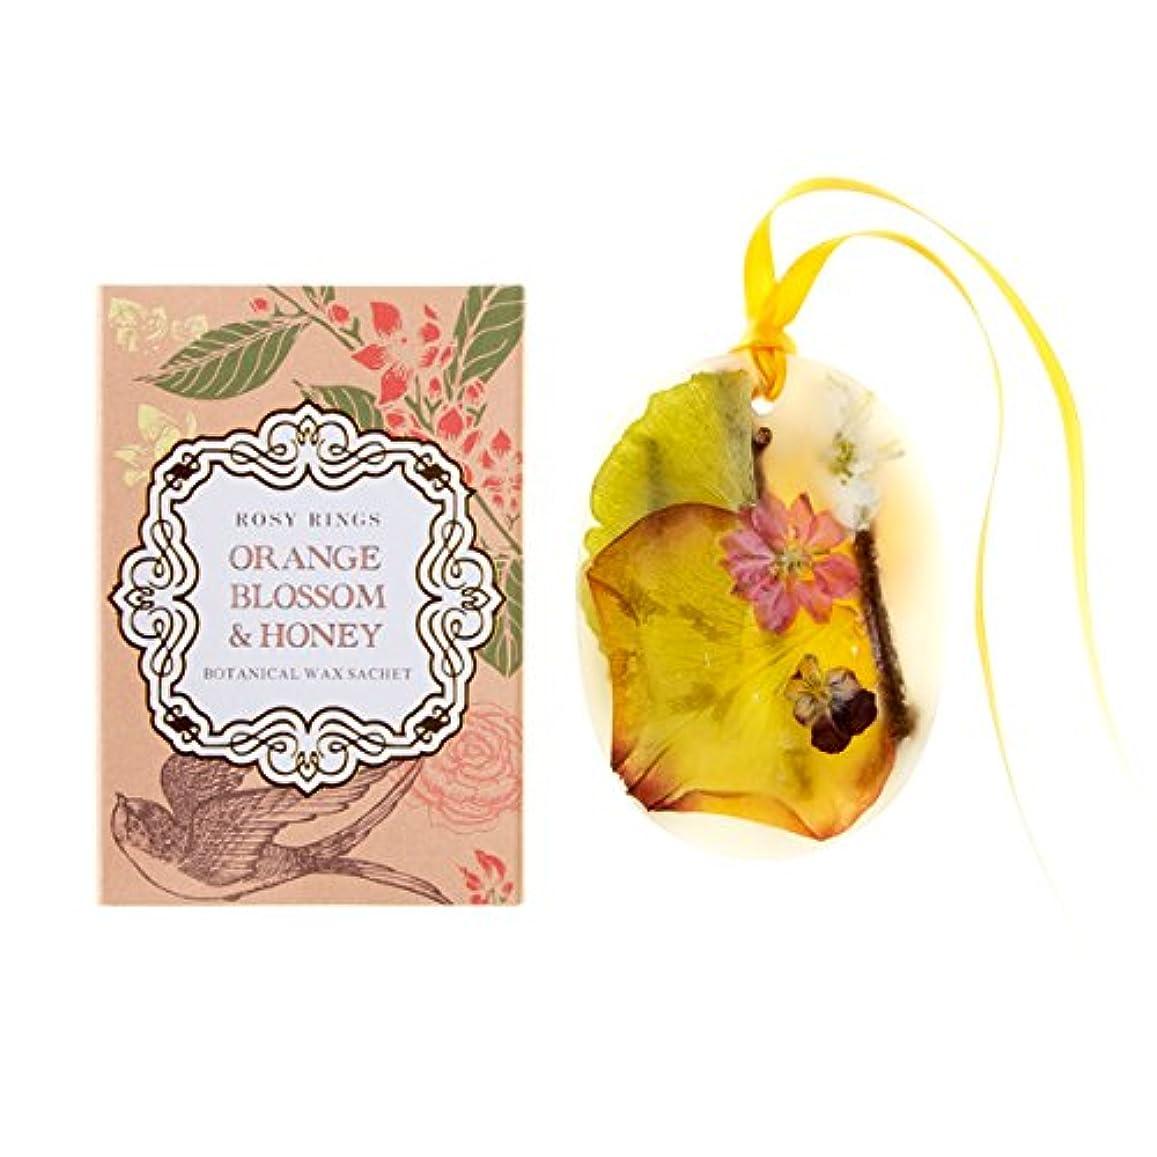 五カリキュラム避けられないロージーリングス プティボタニカルサシェ オレンジブロッサム&ハニー ROSY RINGS Petite Oval Botanical Wax Sachet Orange Blossom & Honey